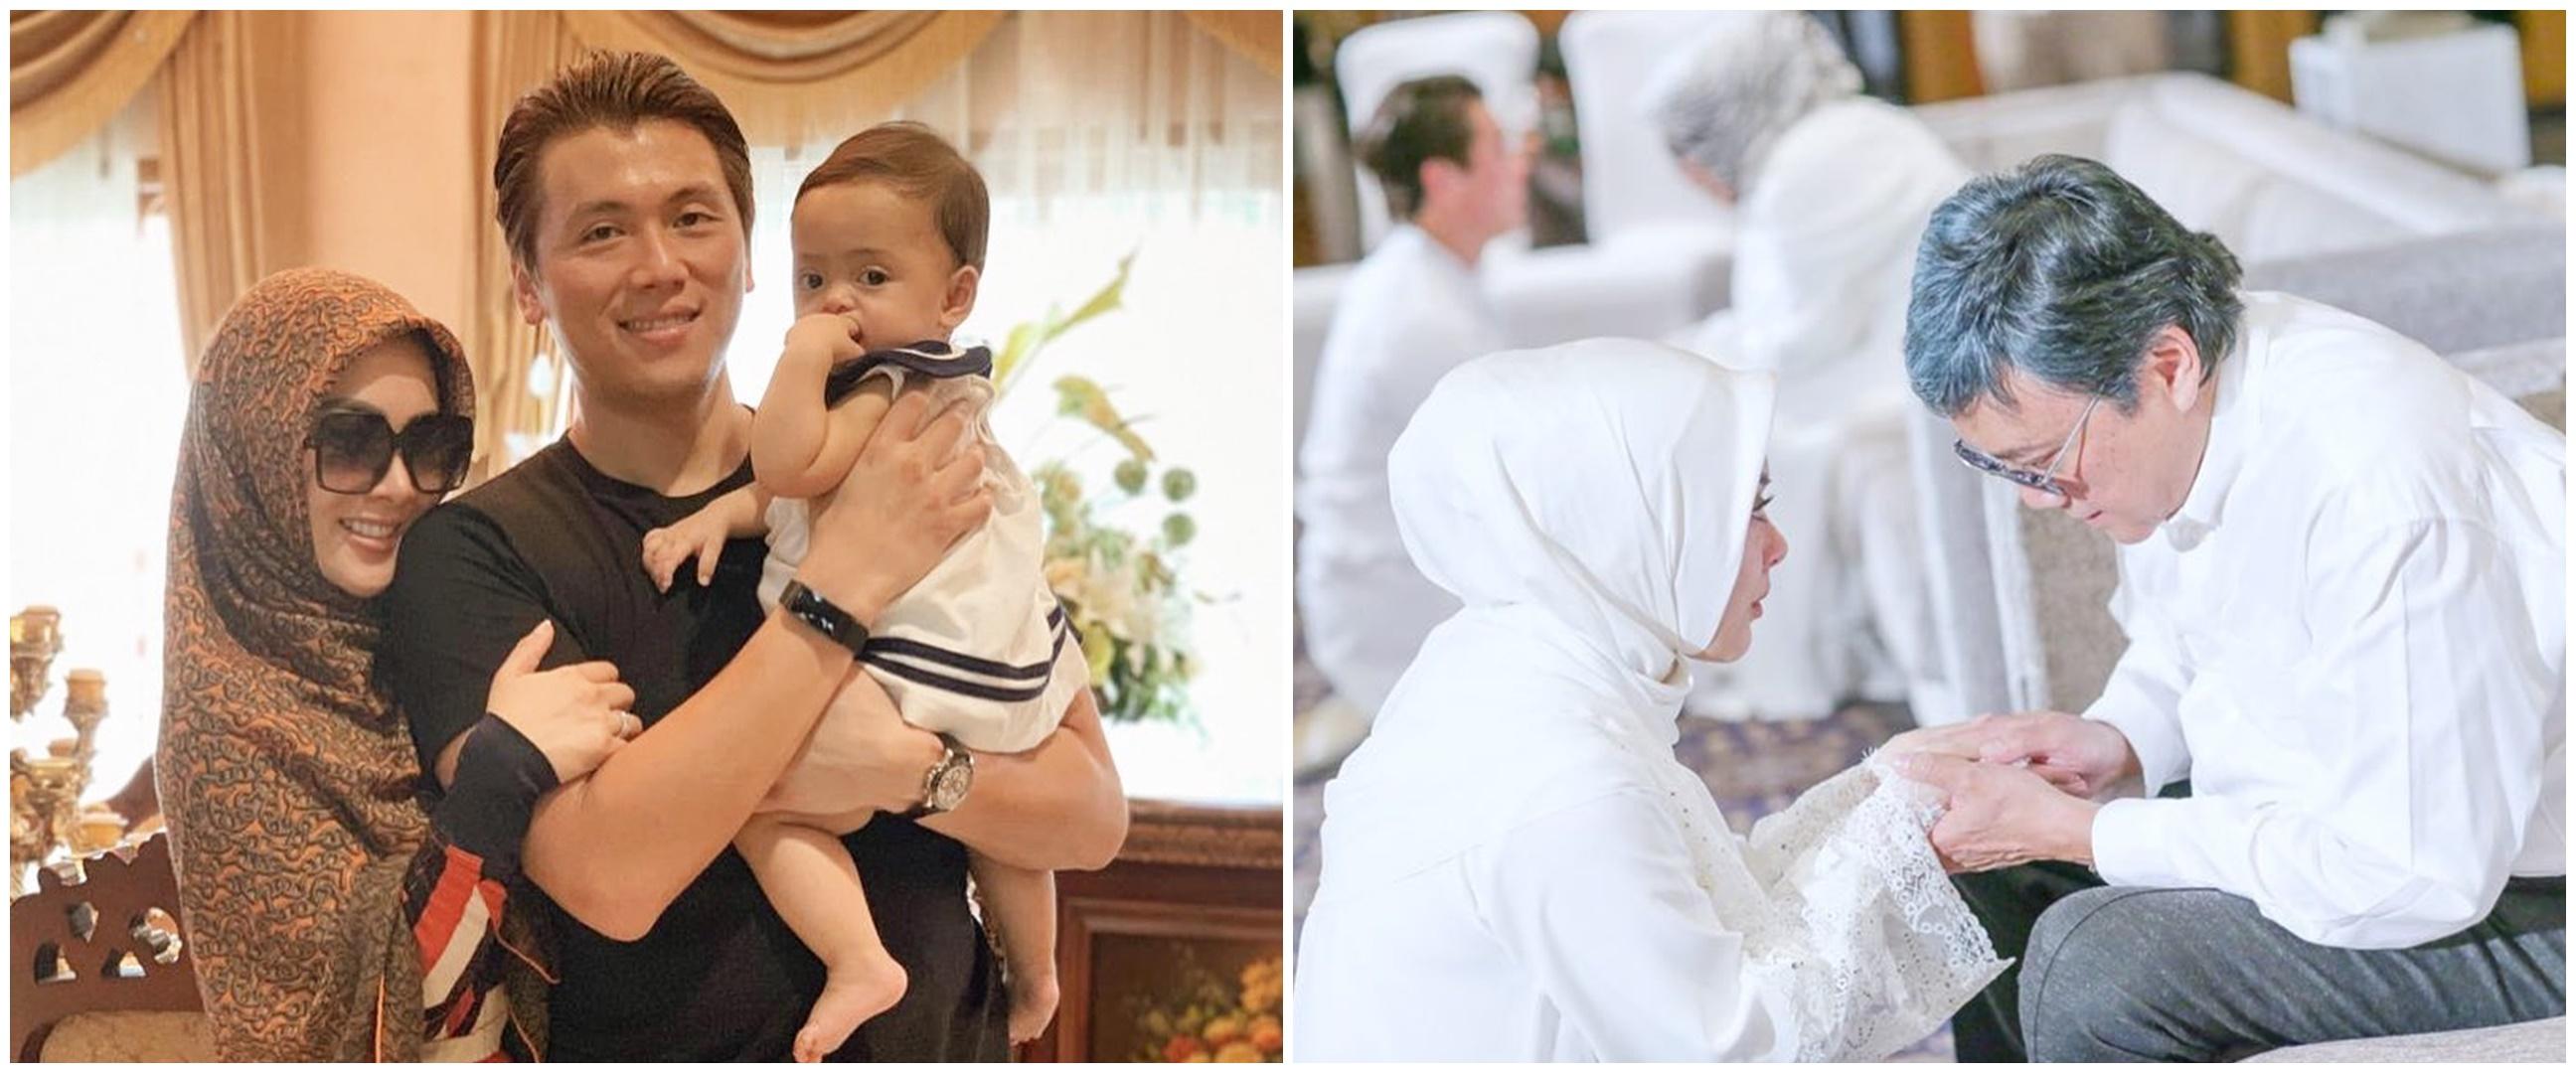 Papa mertua jadi imam salat tarawih, Syahrini ingat mendiang ayah